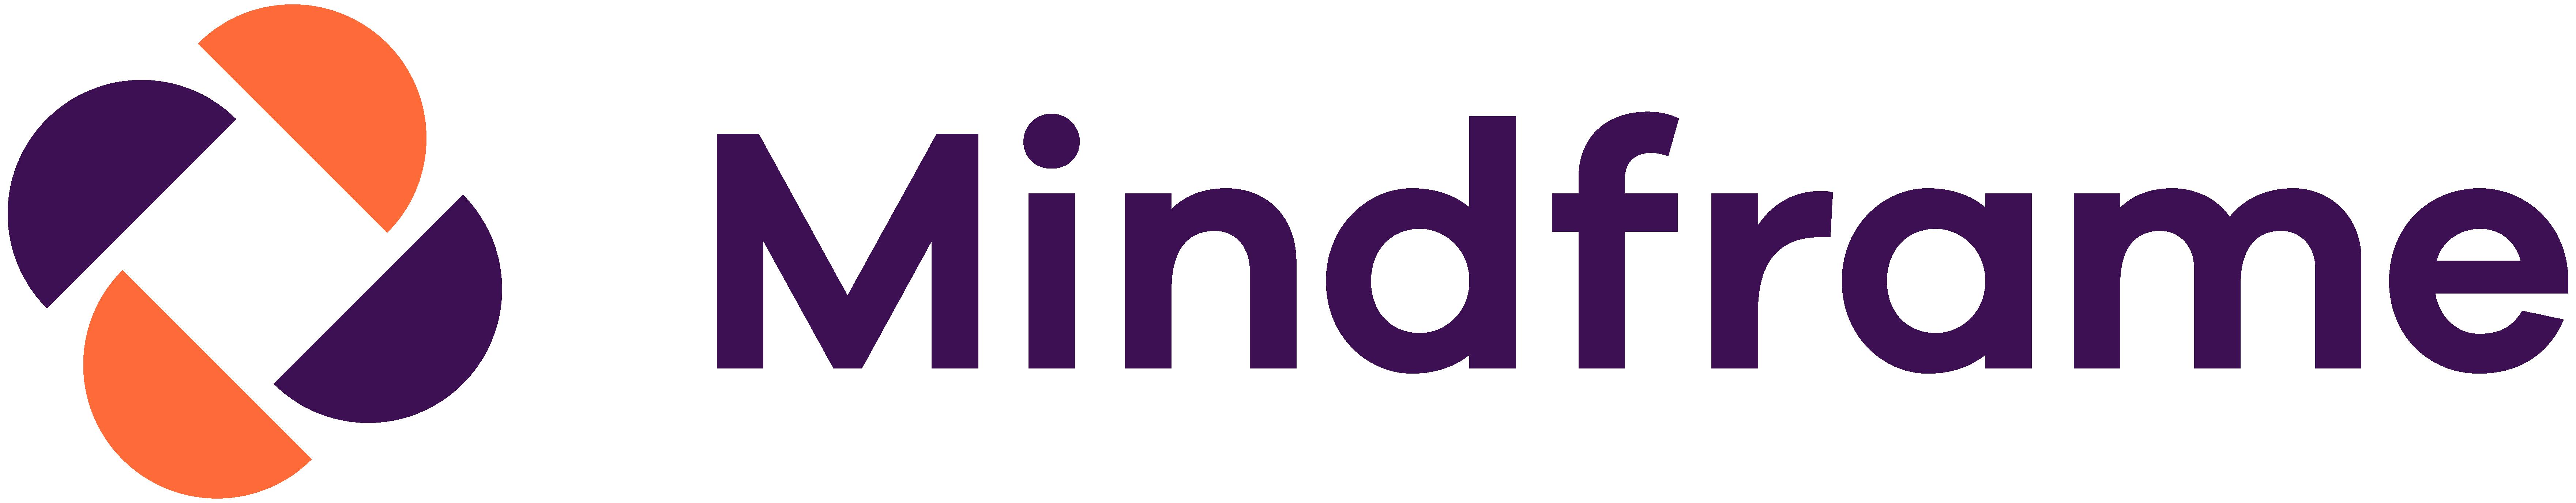 Mindframe logo